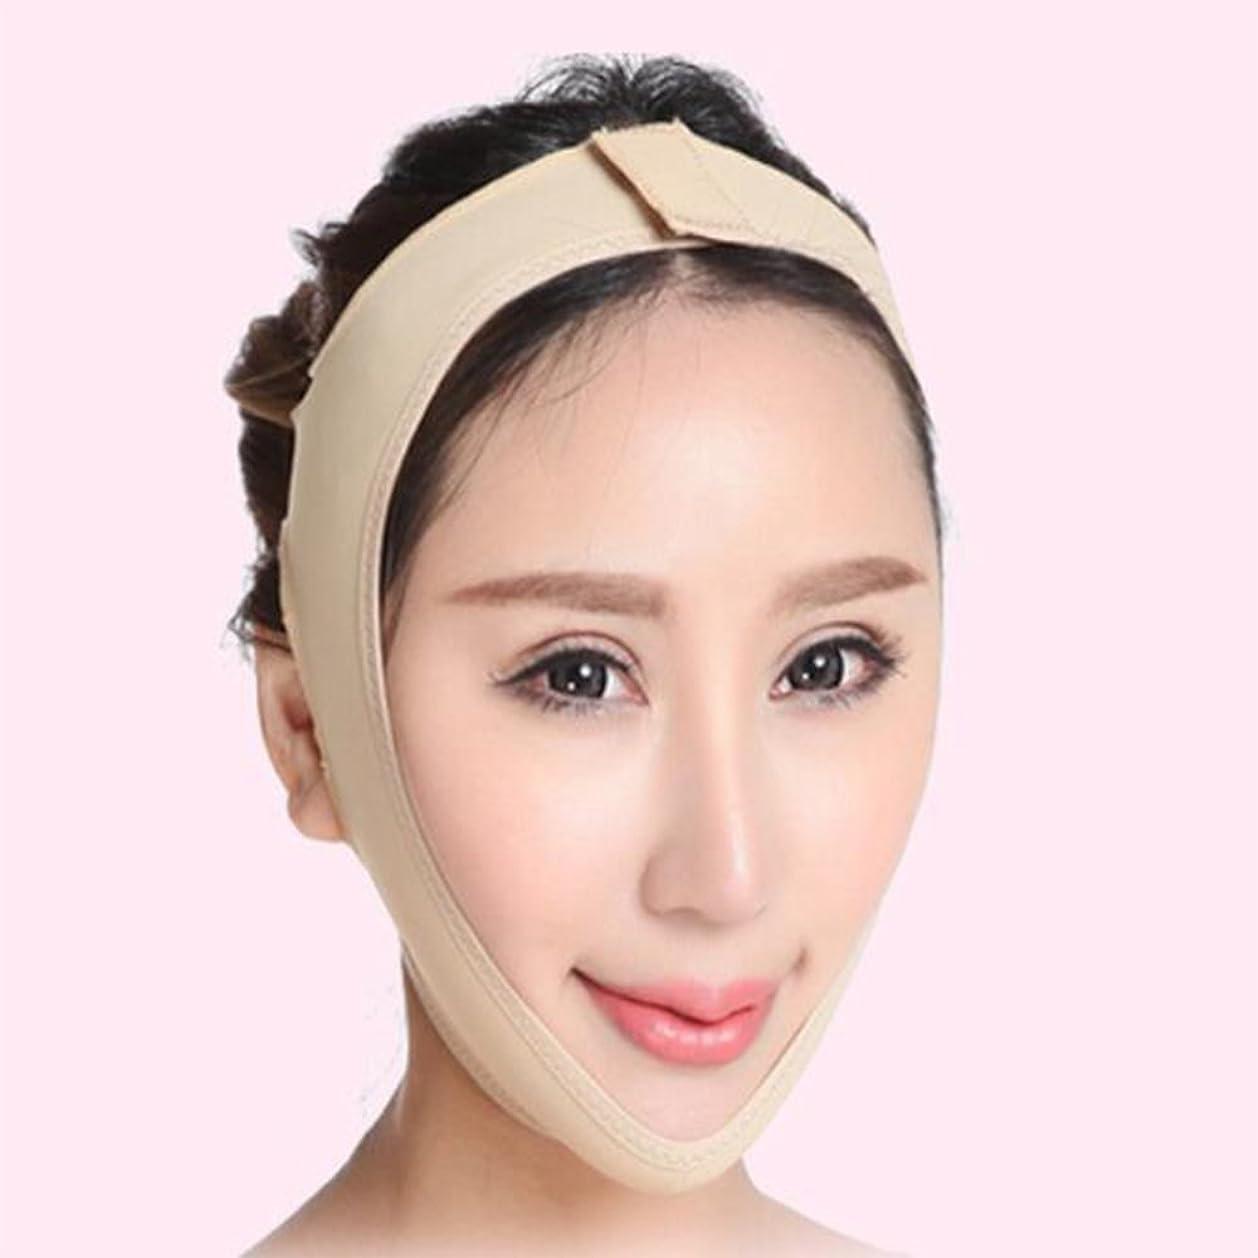 死すべき社交的願うSD 小顔 小顔マスク リフトアップ マスク フェイスライン 矯正 あご シャープ メンズ レディース Sサイズ AZD15003-S